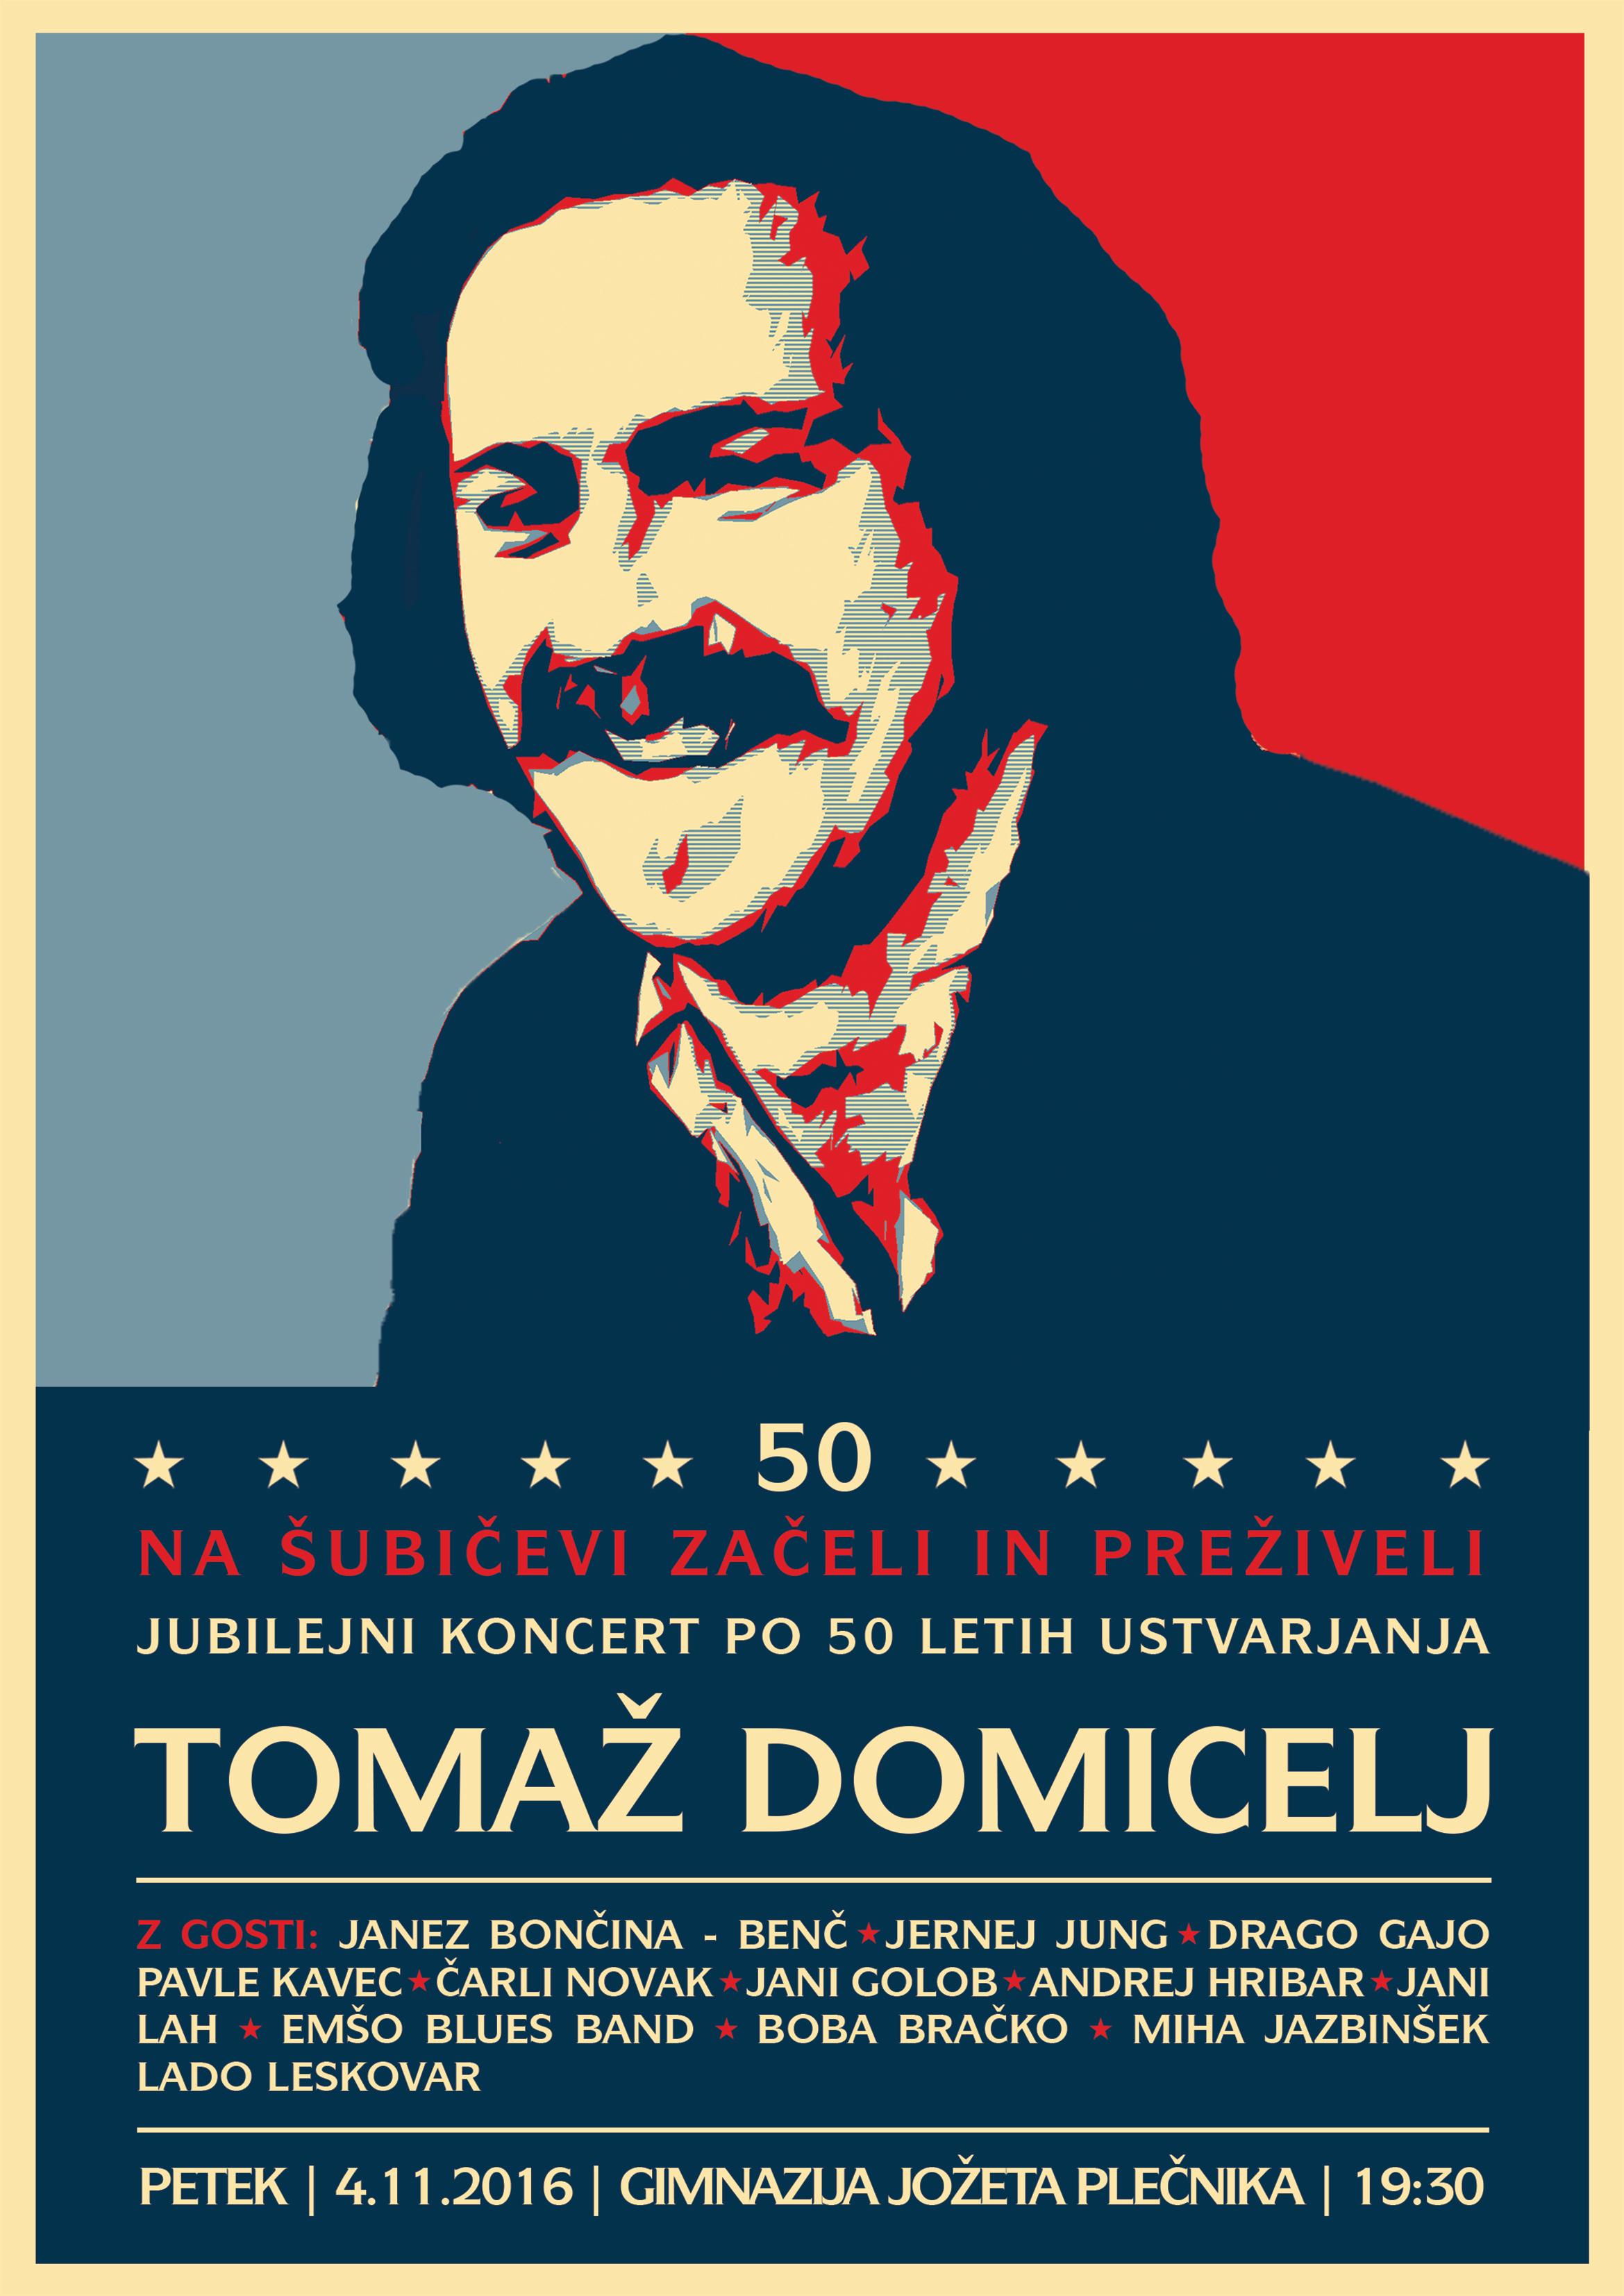 Tomaž Domicelj